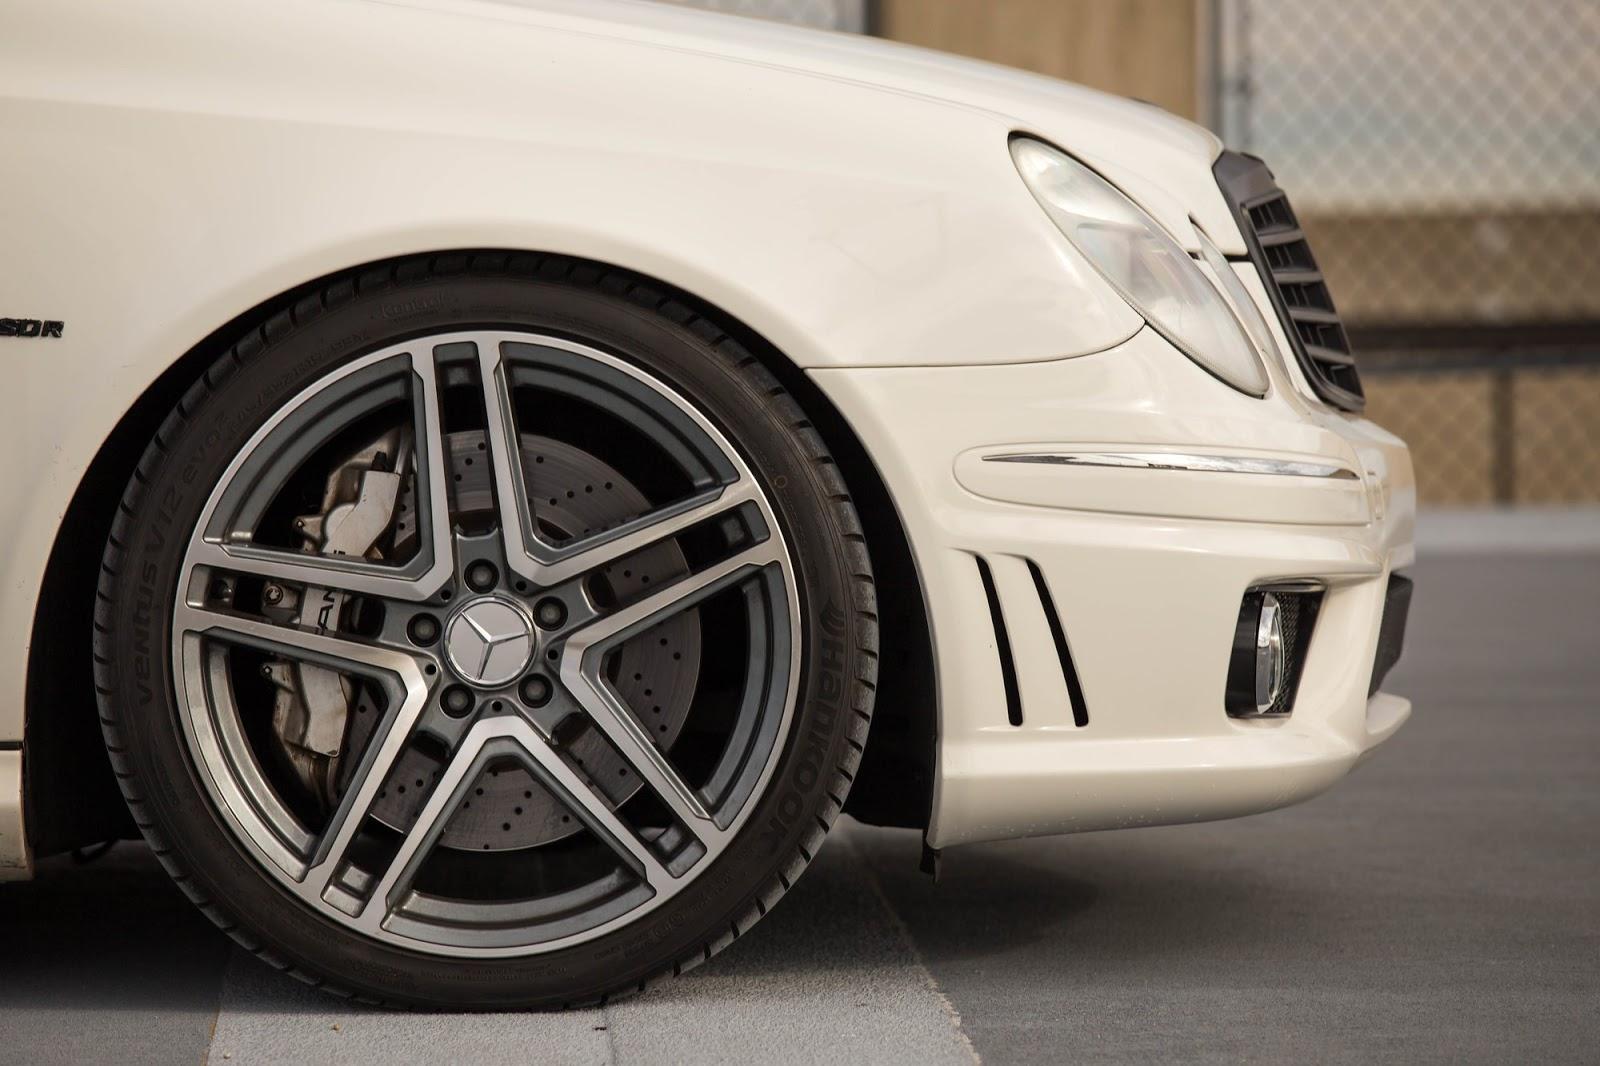 Mercedes Benz W211 E55 Amg On R19 Sport Edition St6 Wheels